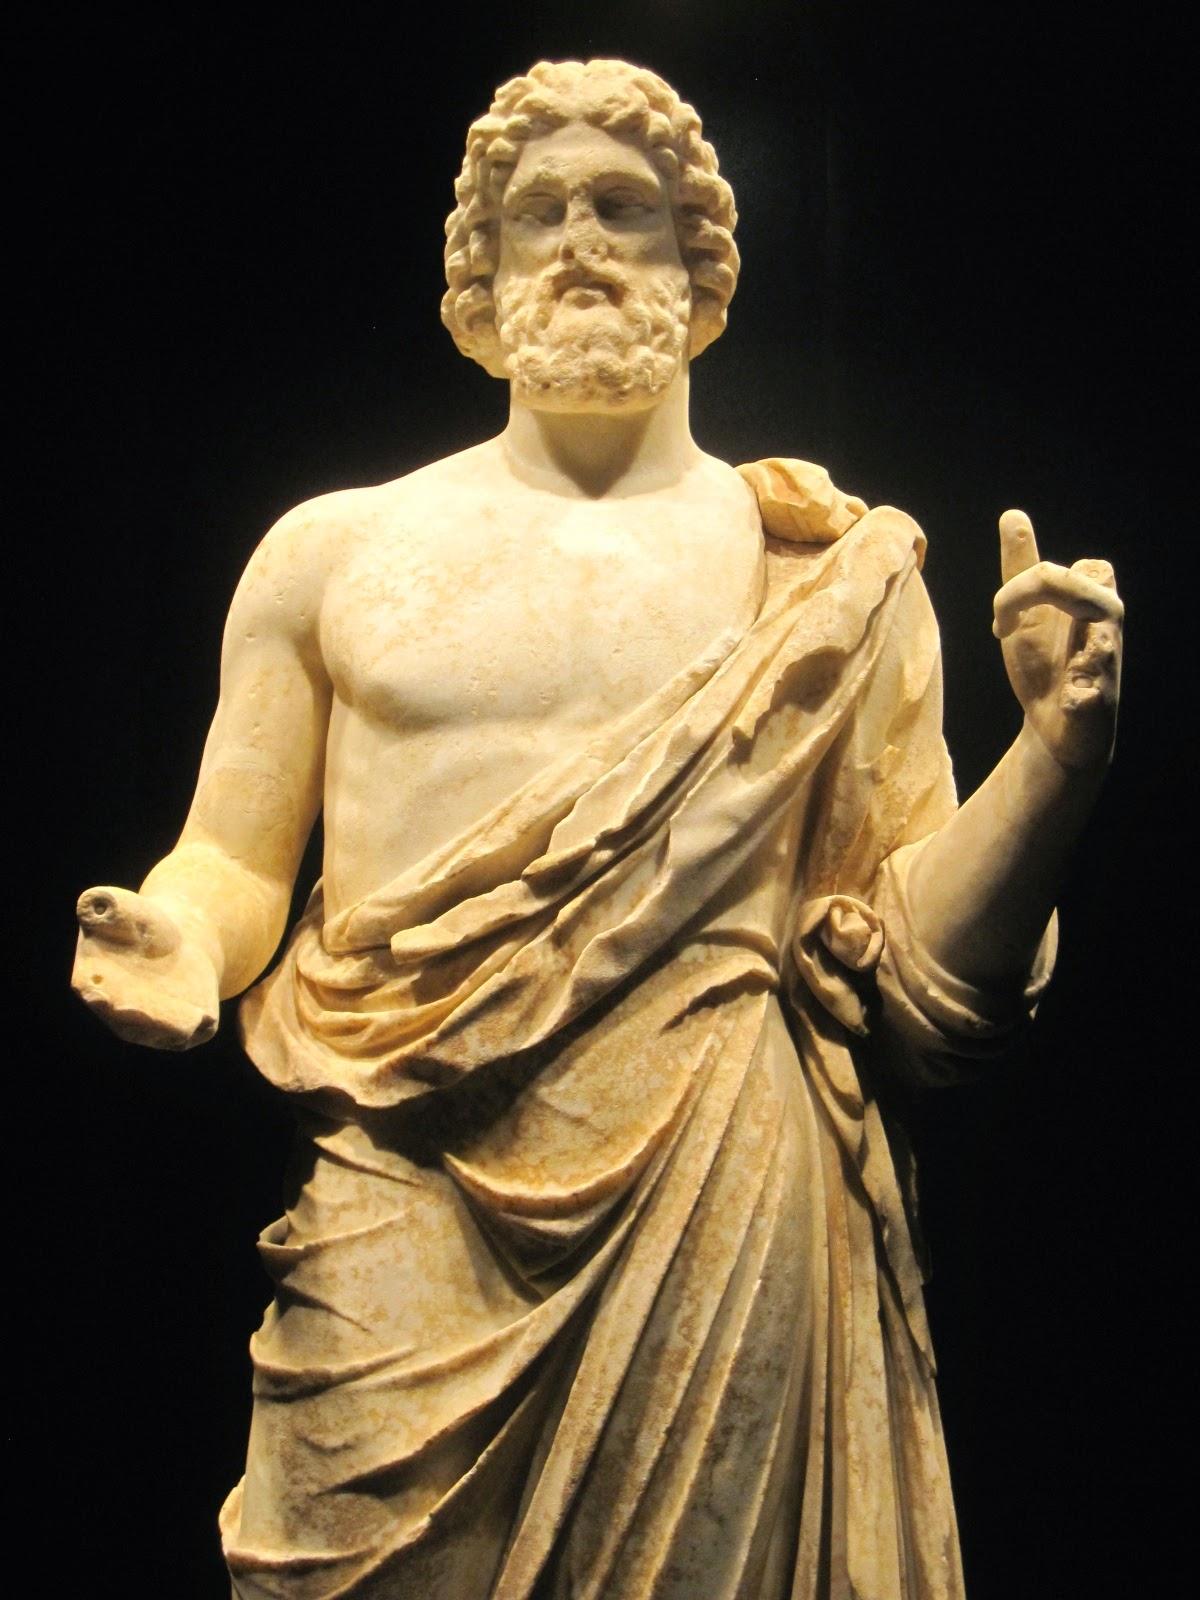 Un dermatólogo en el museo : Esculapio, el dios de Empúries.